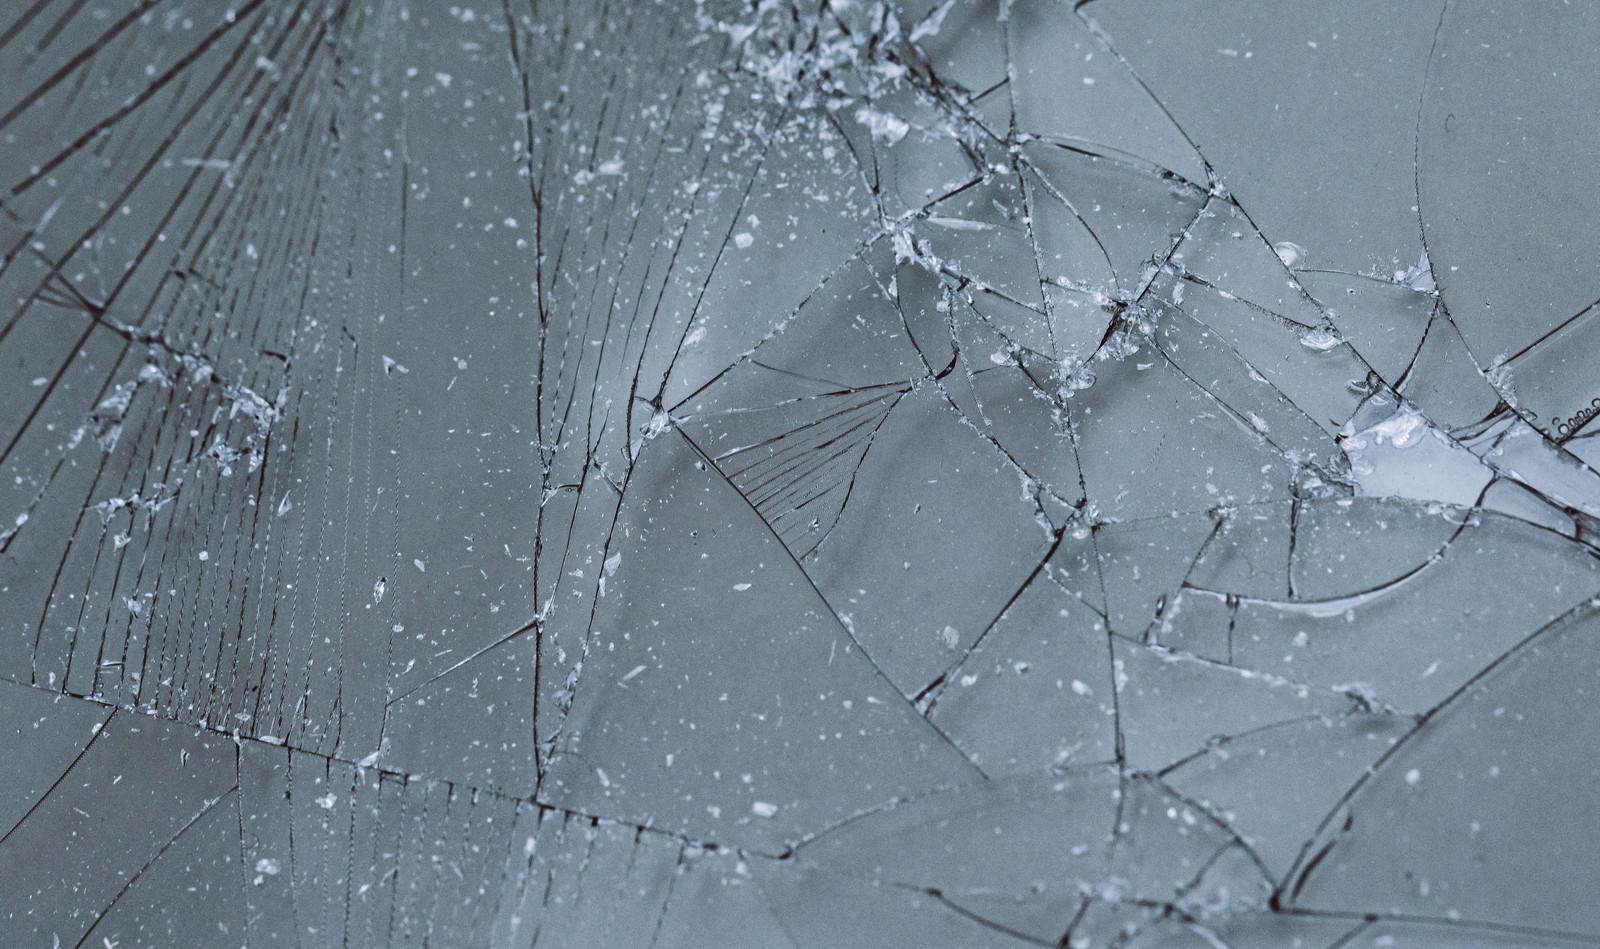 「ヒビワレしたガラスフィルム」の写真